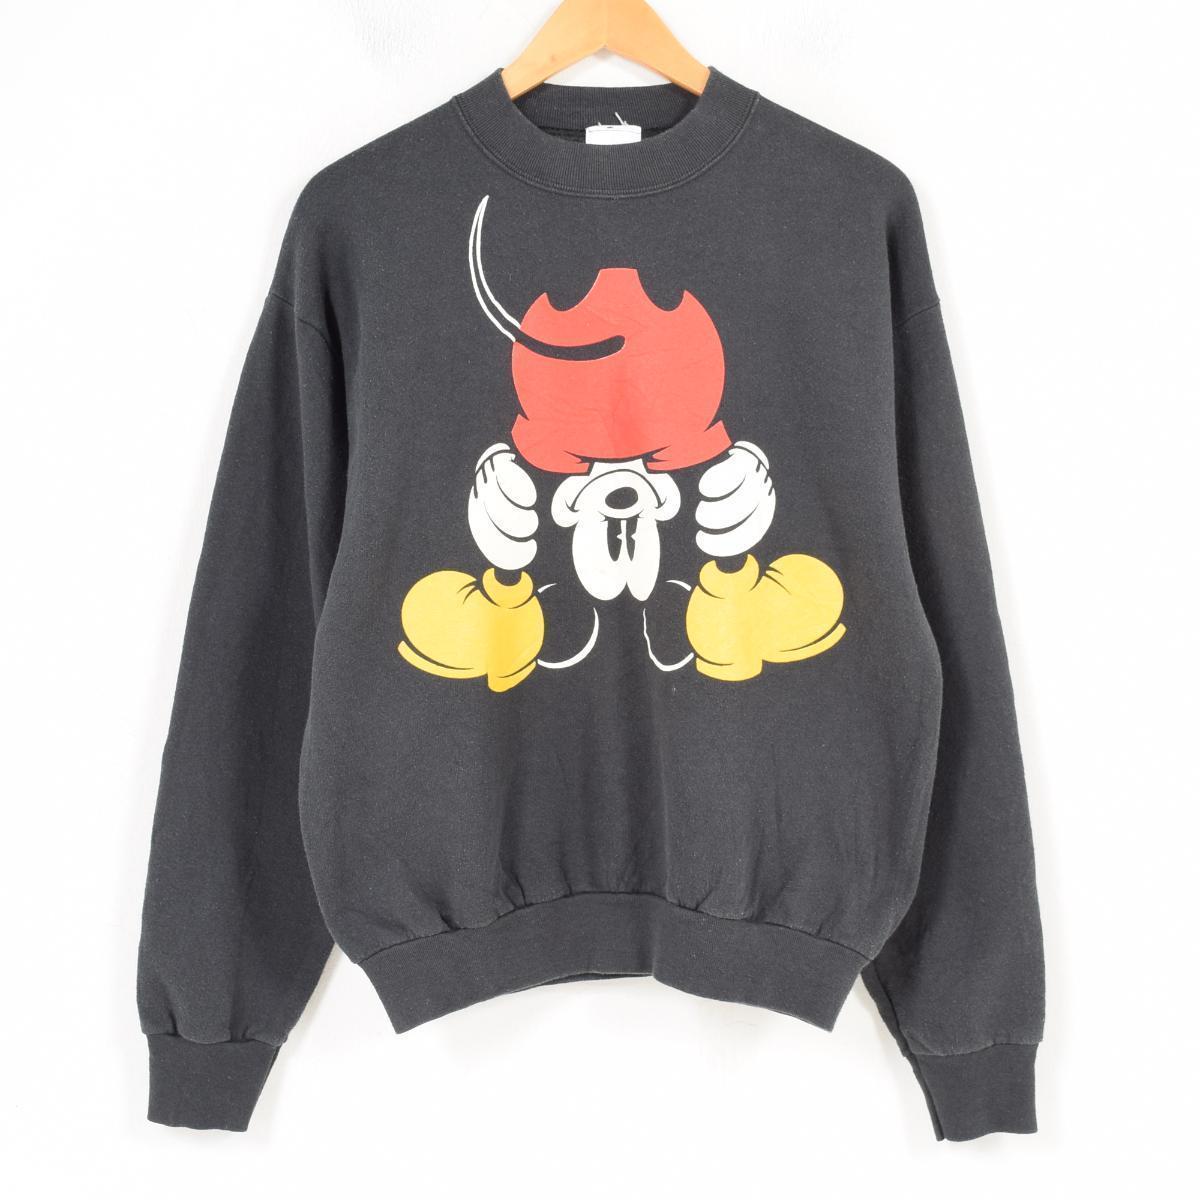 MICKEY&CO. MICKEY MOUSE ミッキーマウス キャラクタースウェットシャツ トレーナー USA製 レディースXL /waq4735 【中古】 【180413】